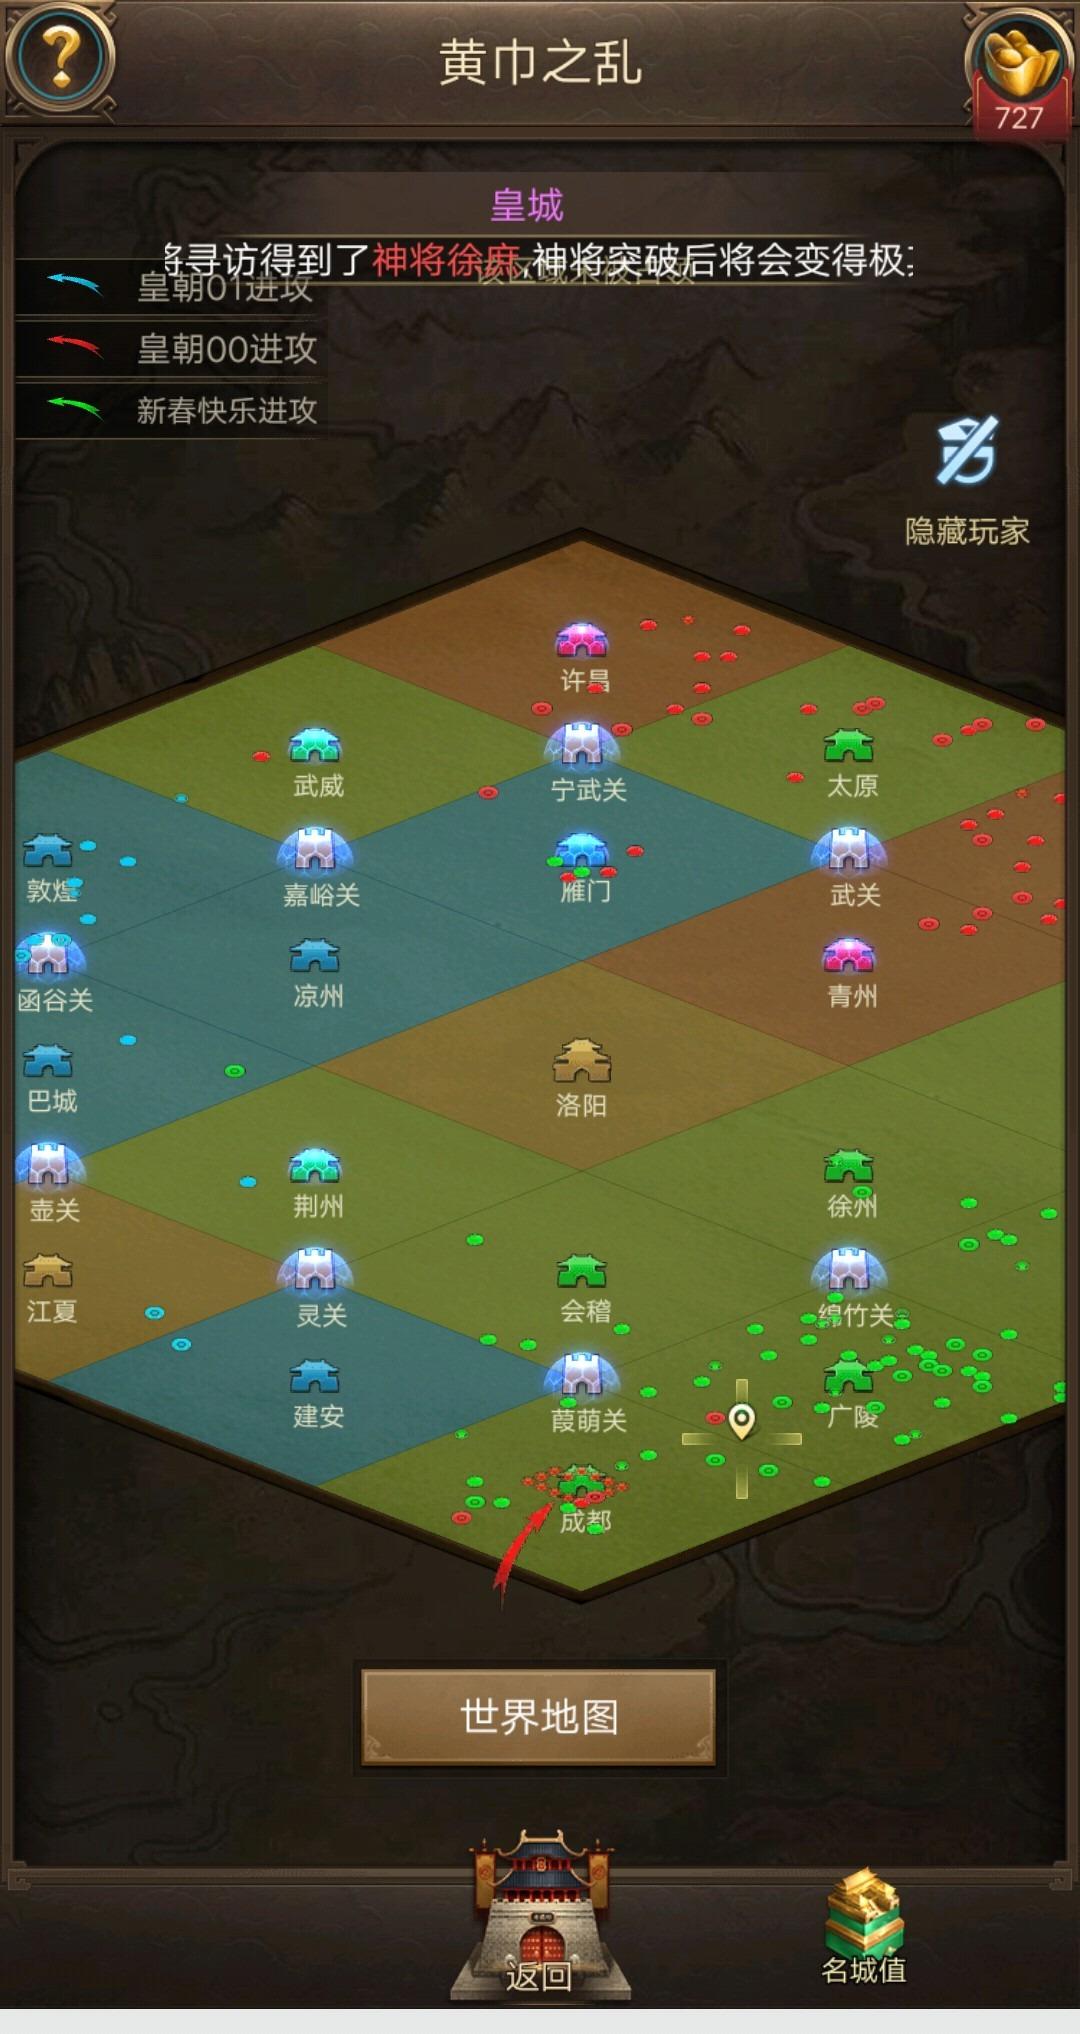 Screenshot_2020_0126_093436.jpg